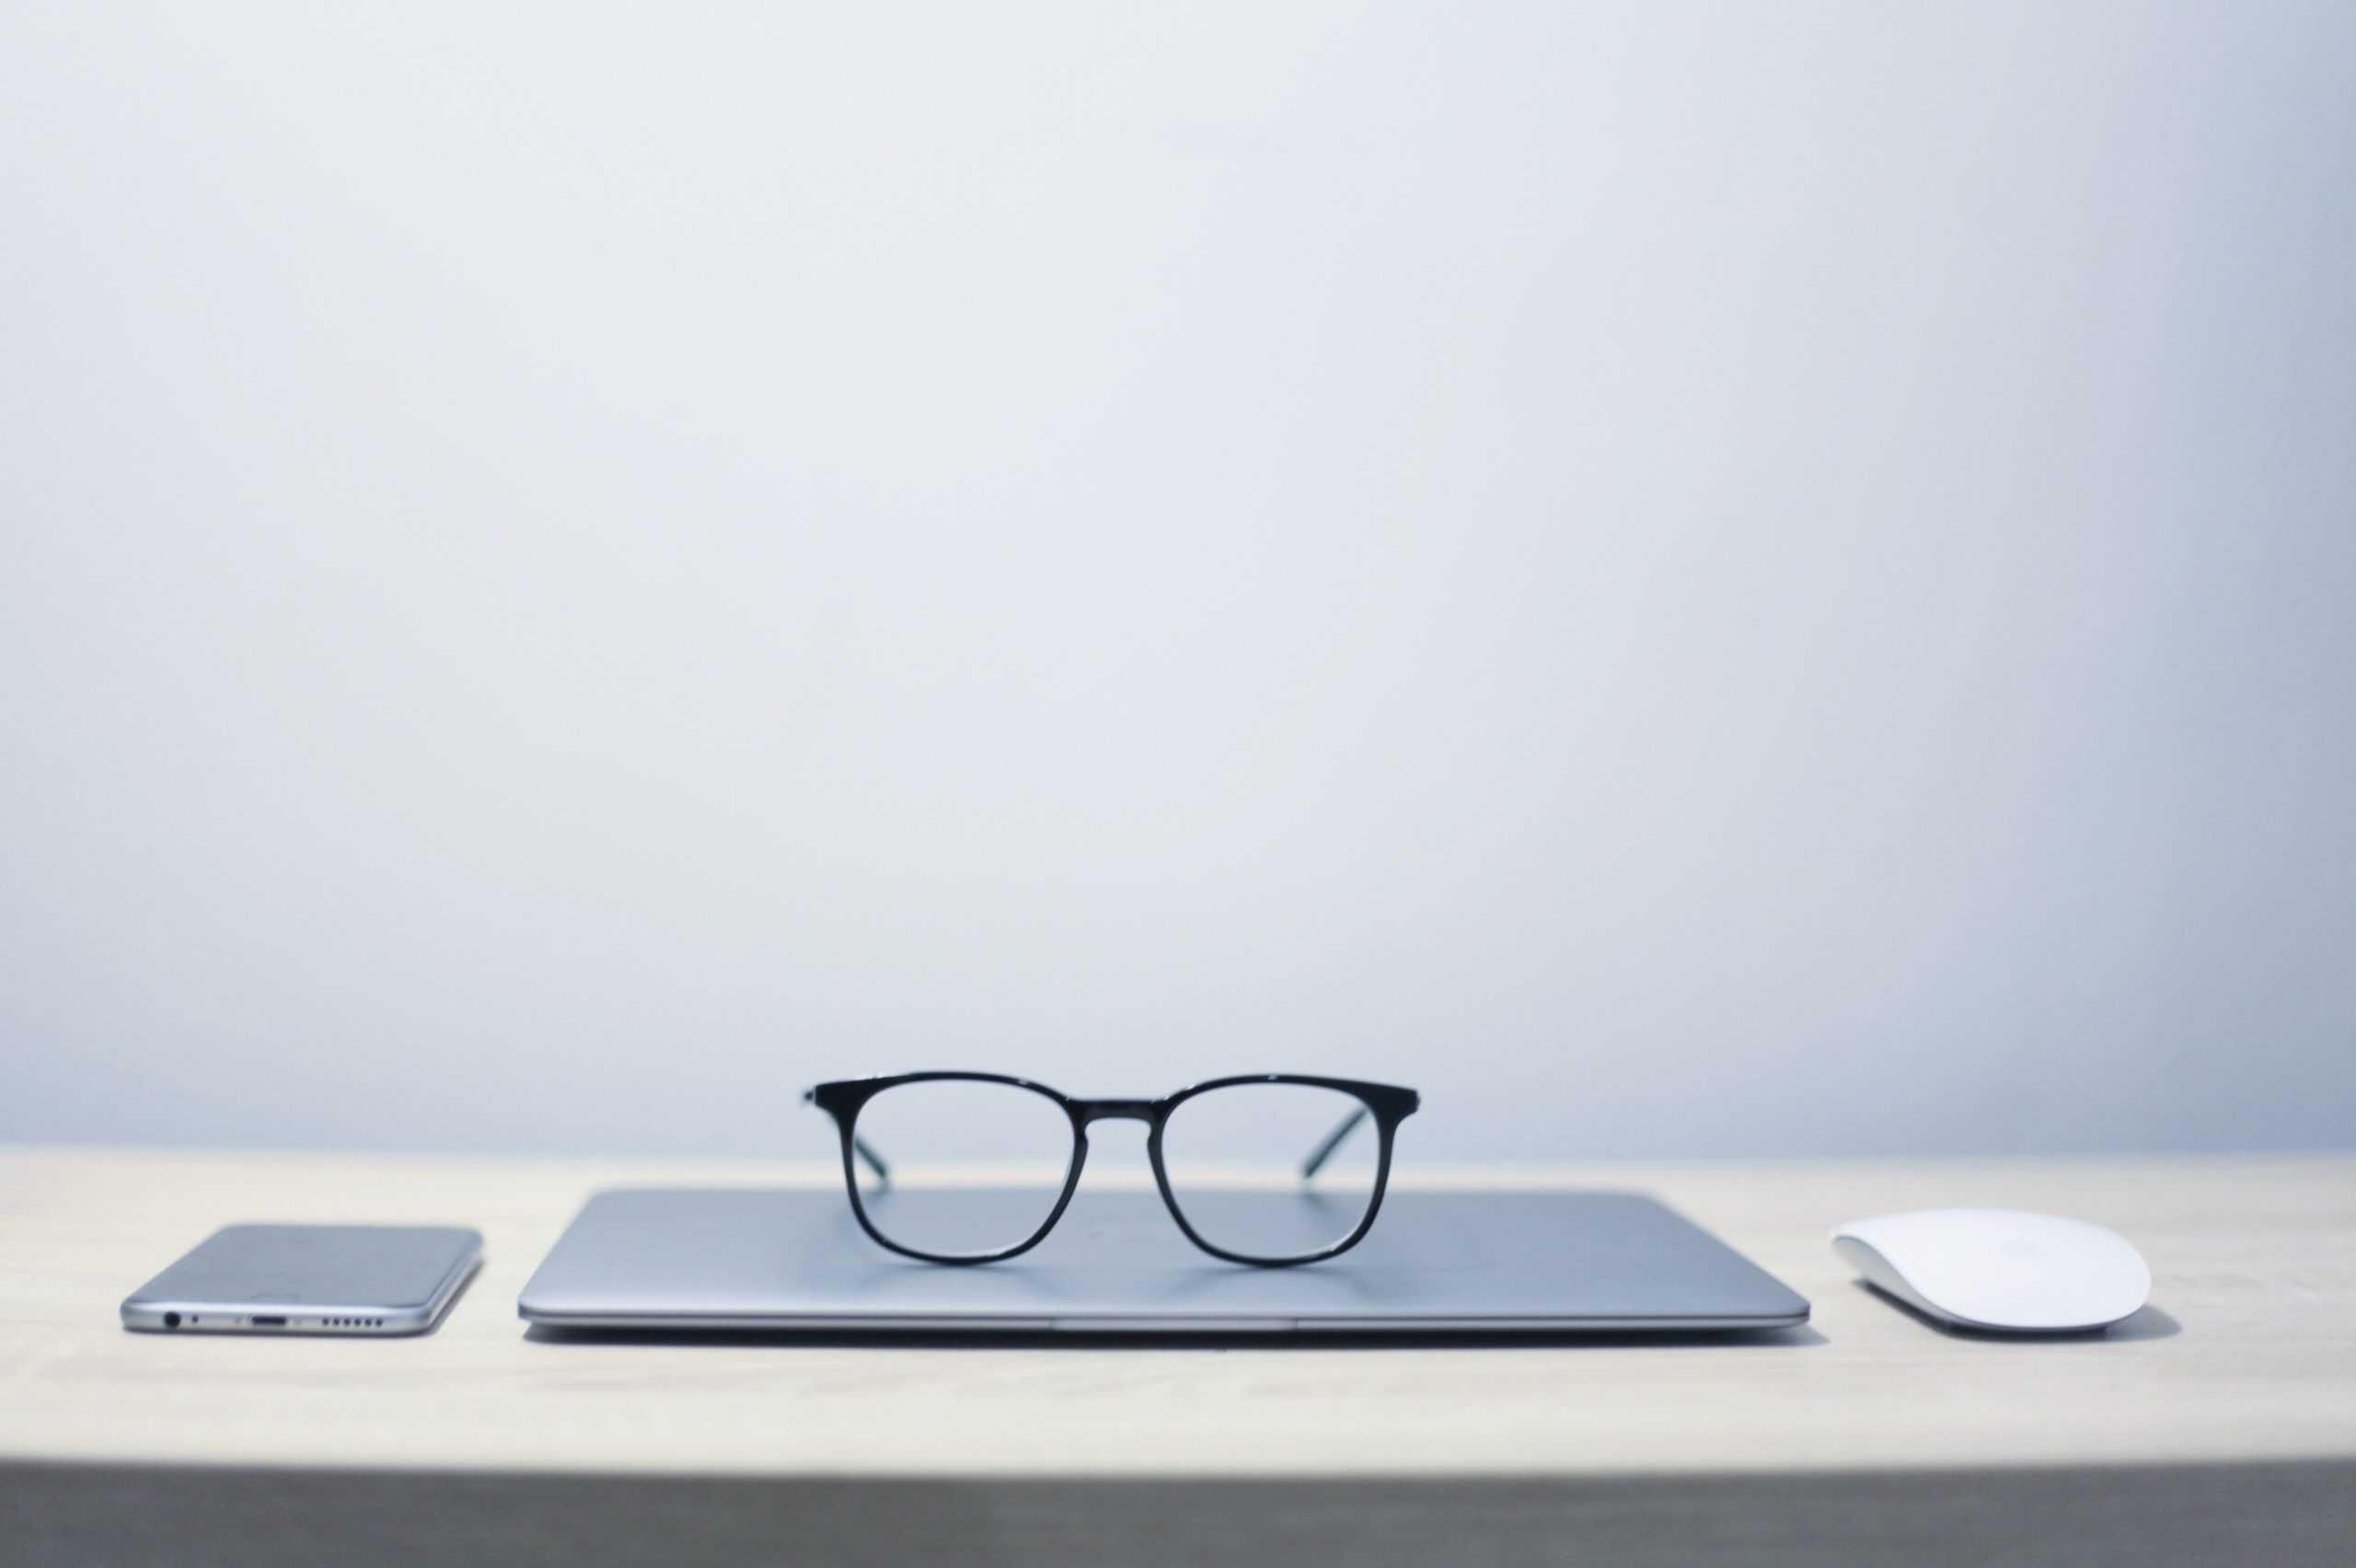 Porady techniczne: Jak stworzyć formularz zapisu w MailerLite?